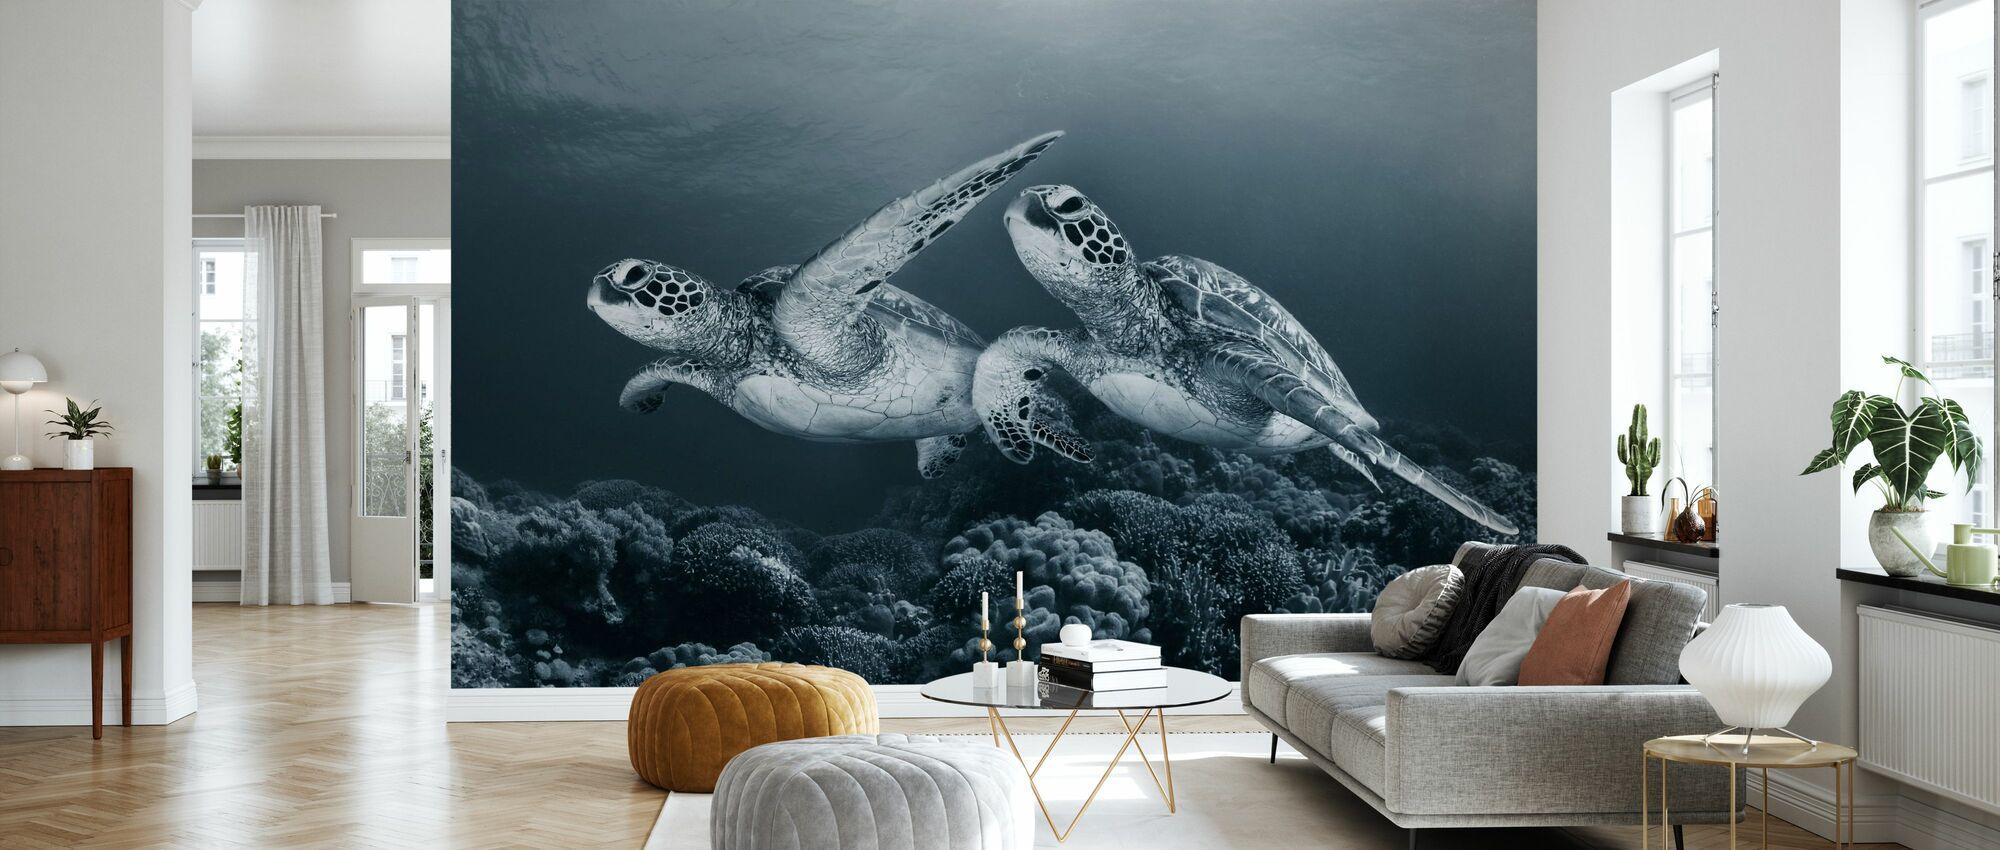 Twin Dance - Wallpaper - Living Room